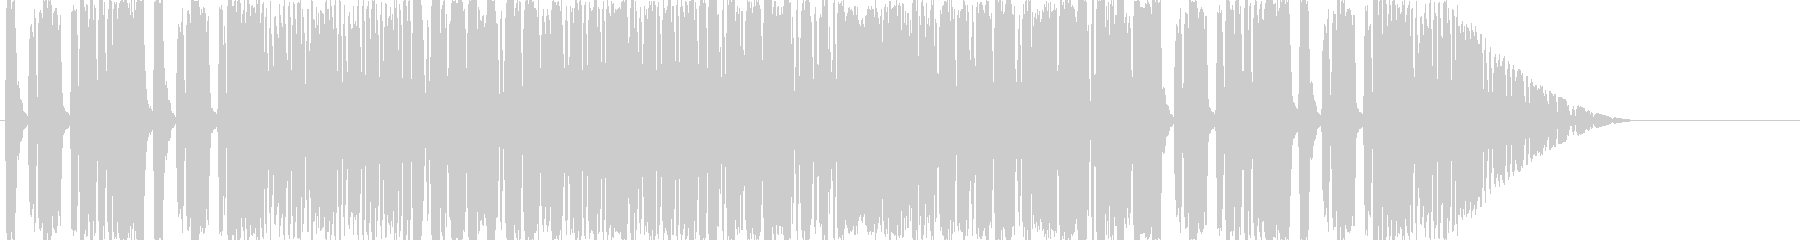 ストリングス曲_001室内楽風の弦楽四…の未再生の波形